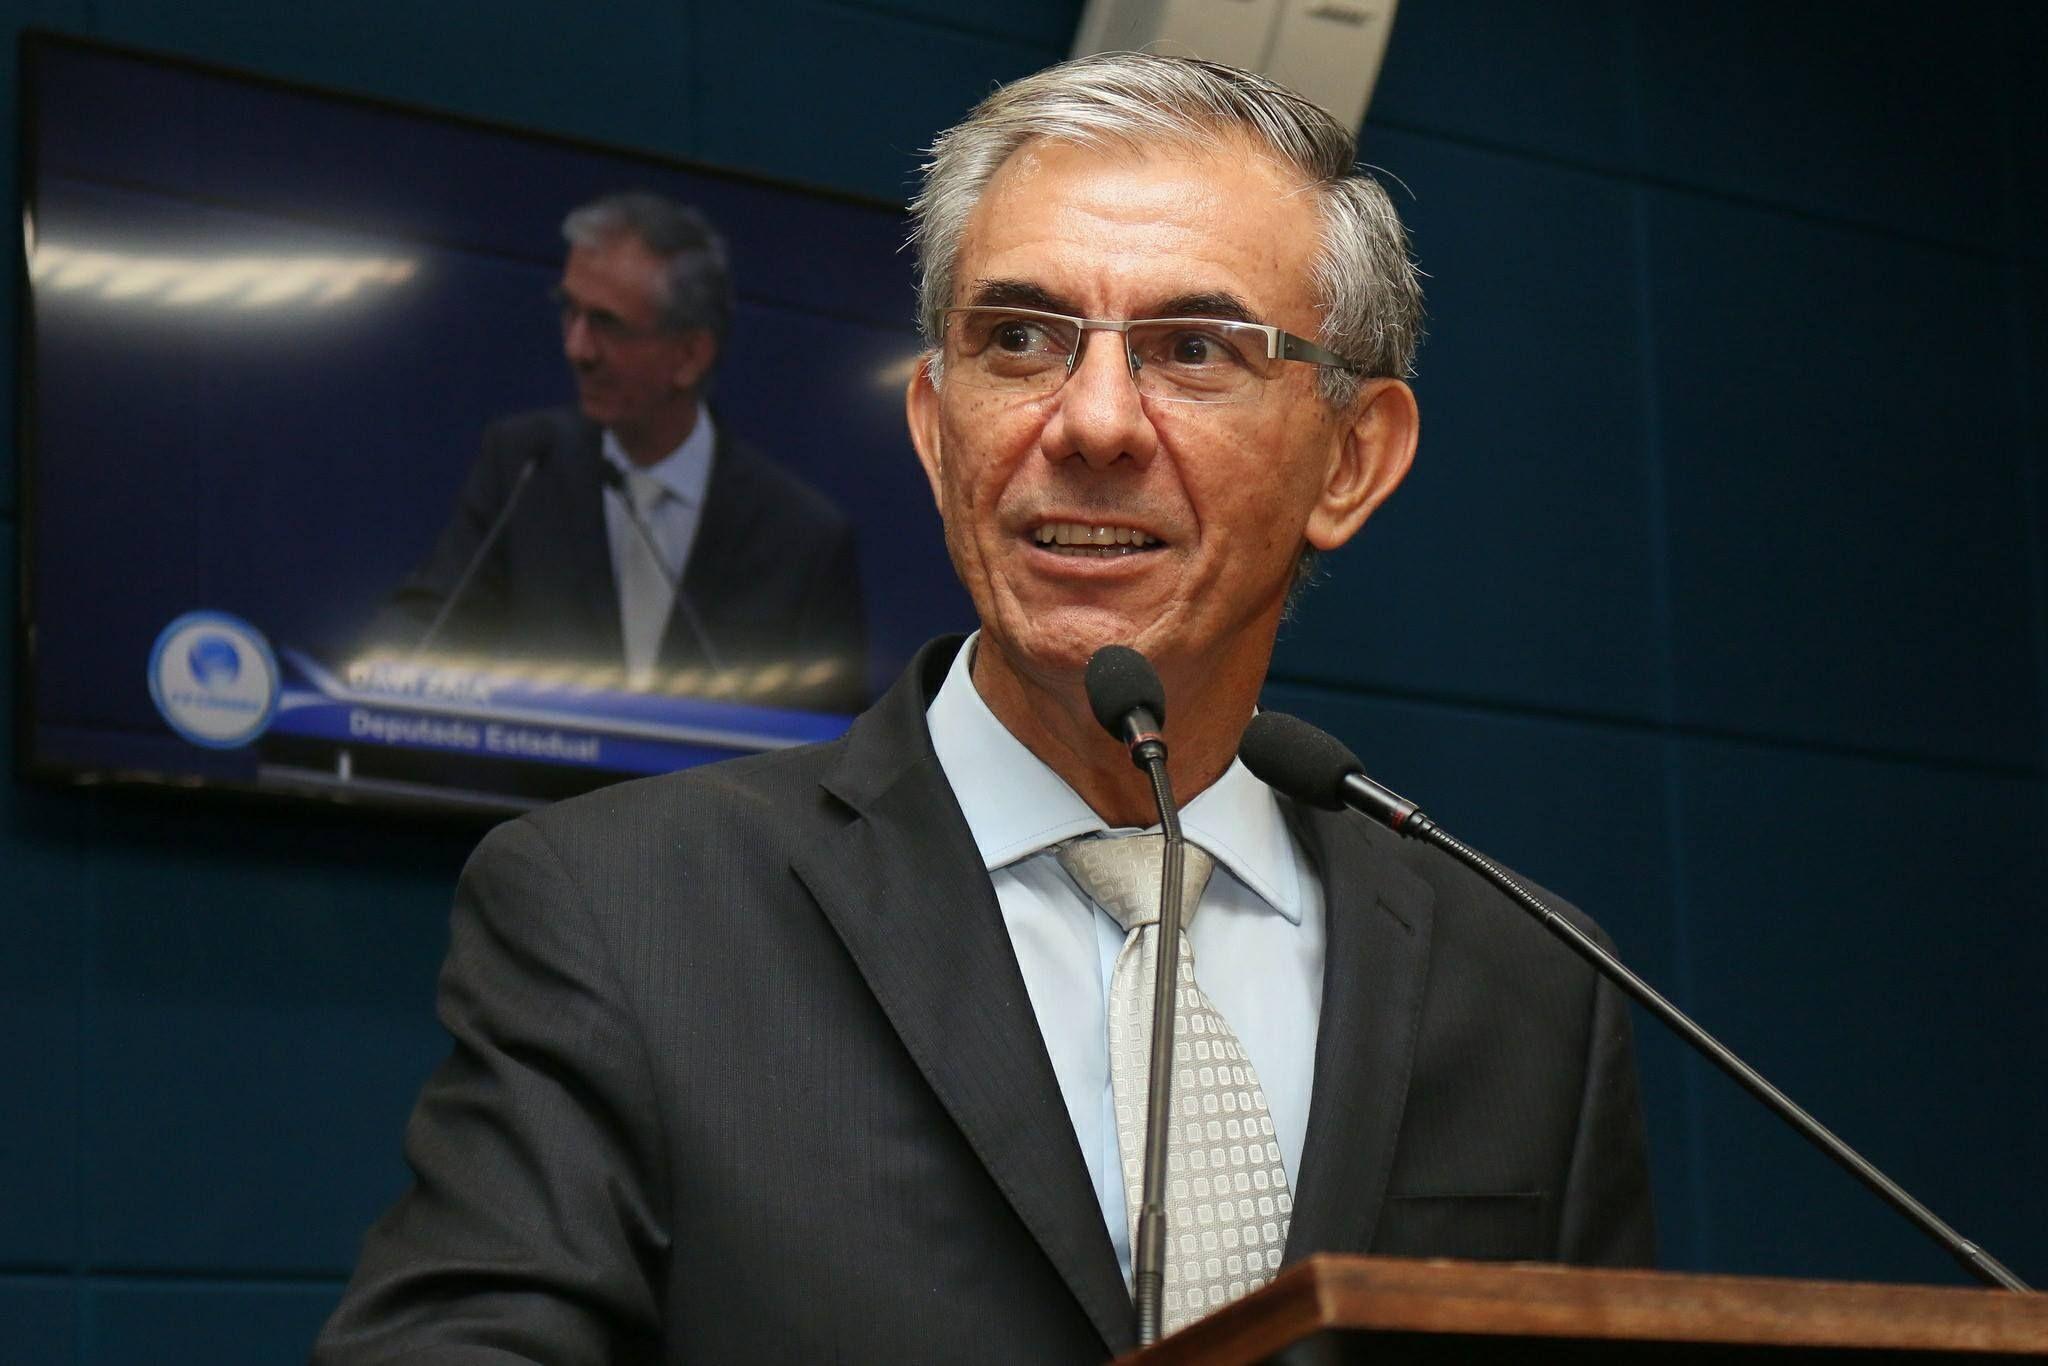 O deputado estadual Davi Zaia disse que a troca de cargo foi normal / Divulgação